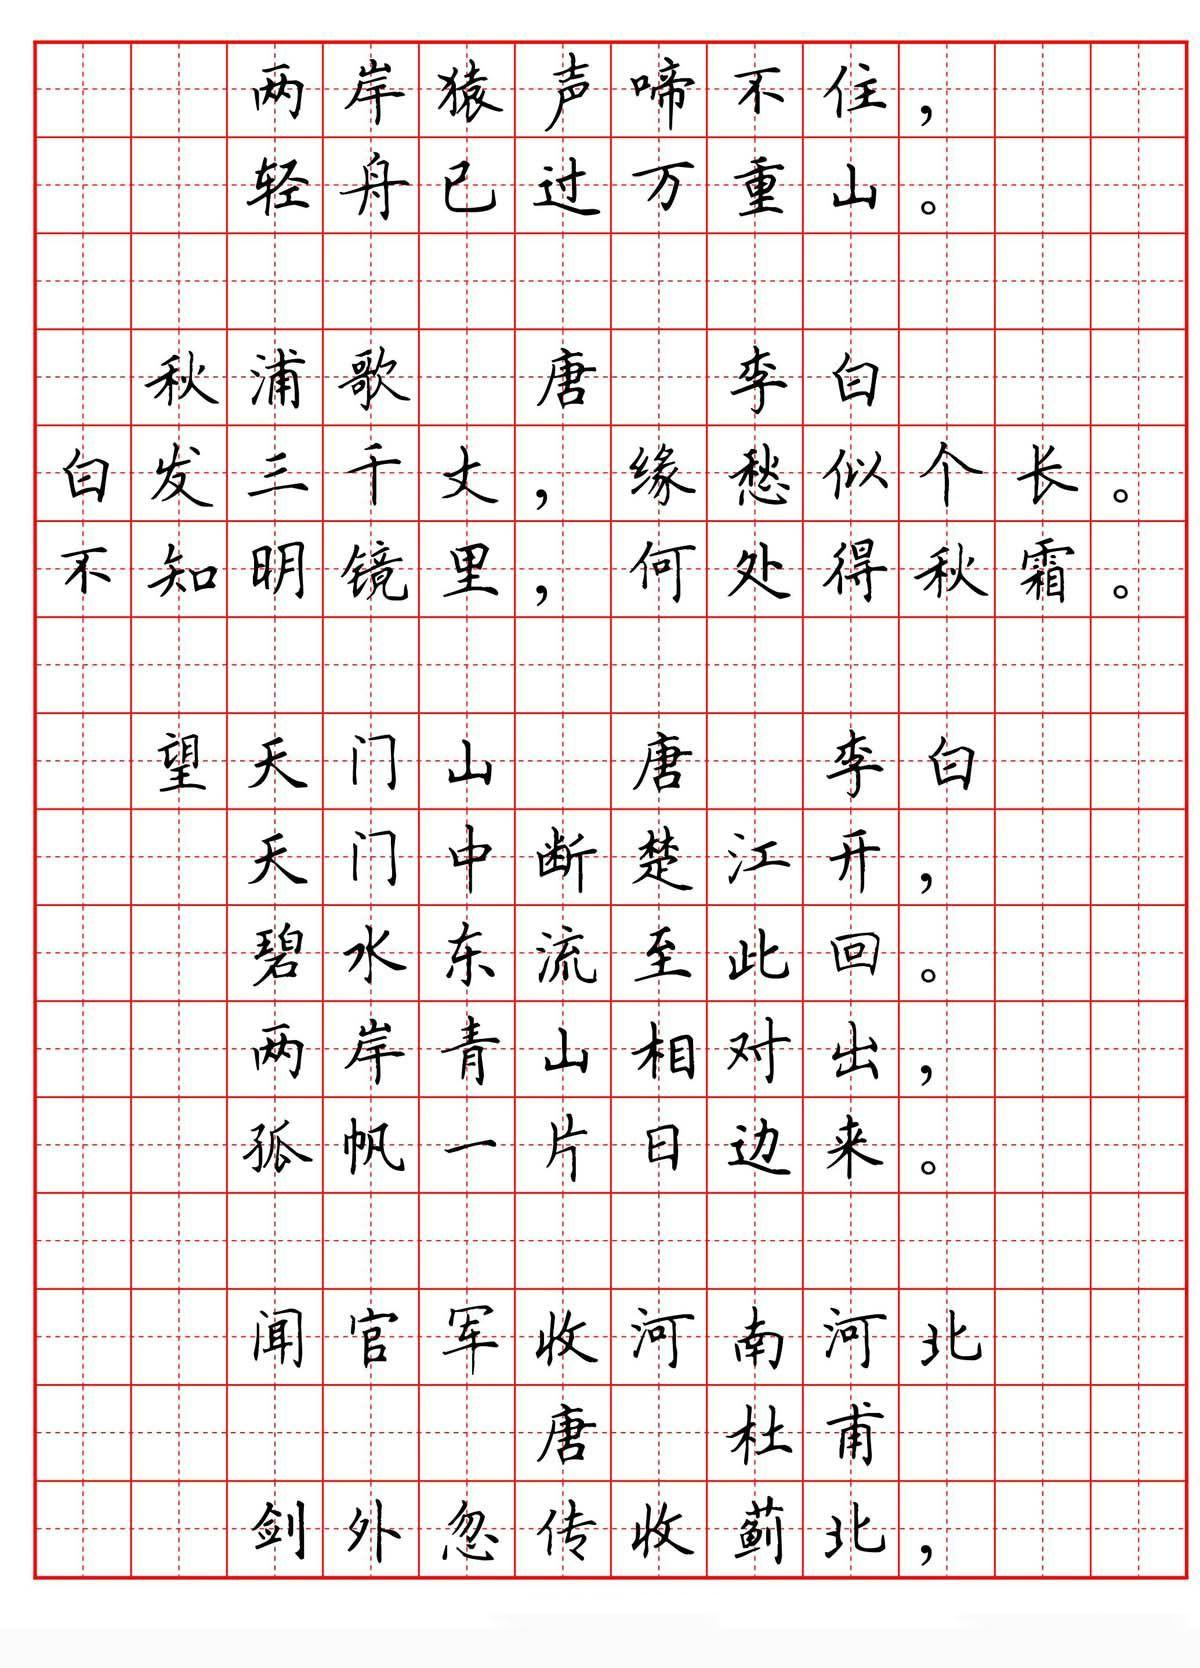 硬笔书法字帖《必背古诗词八十首》(局部)图片